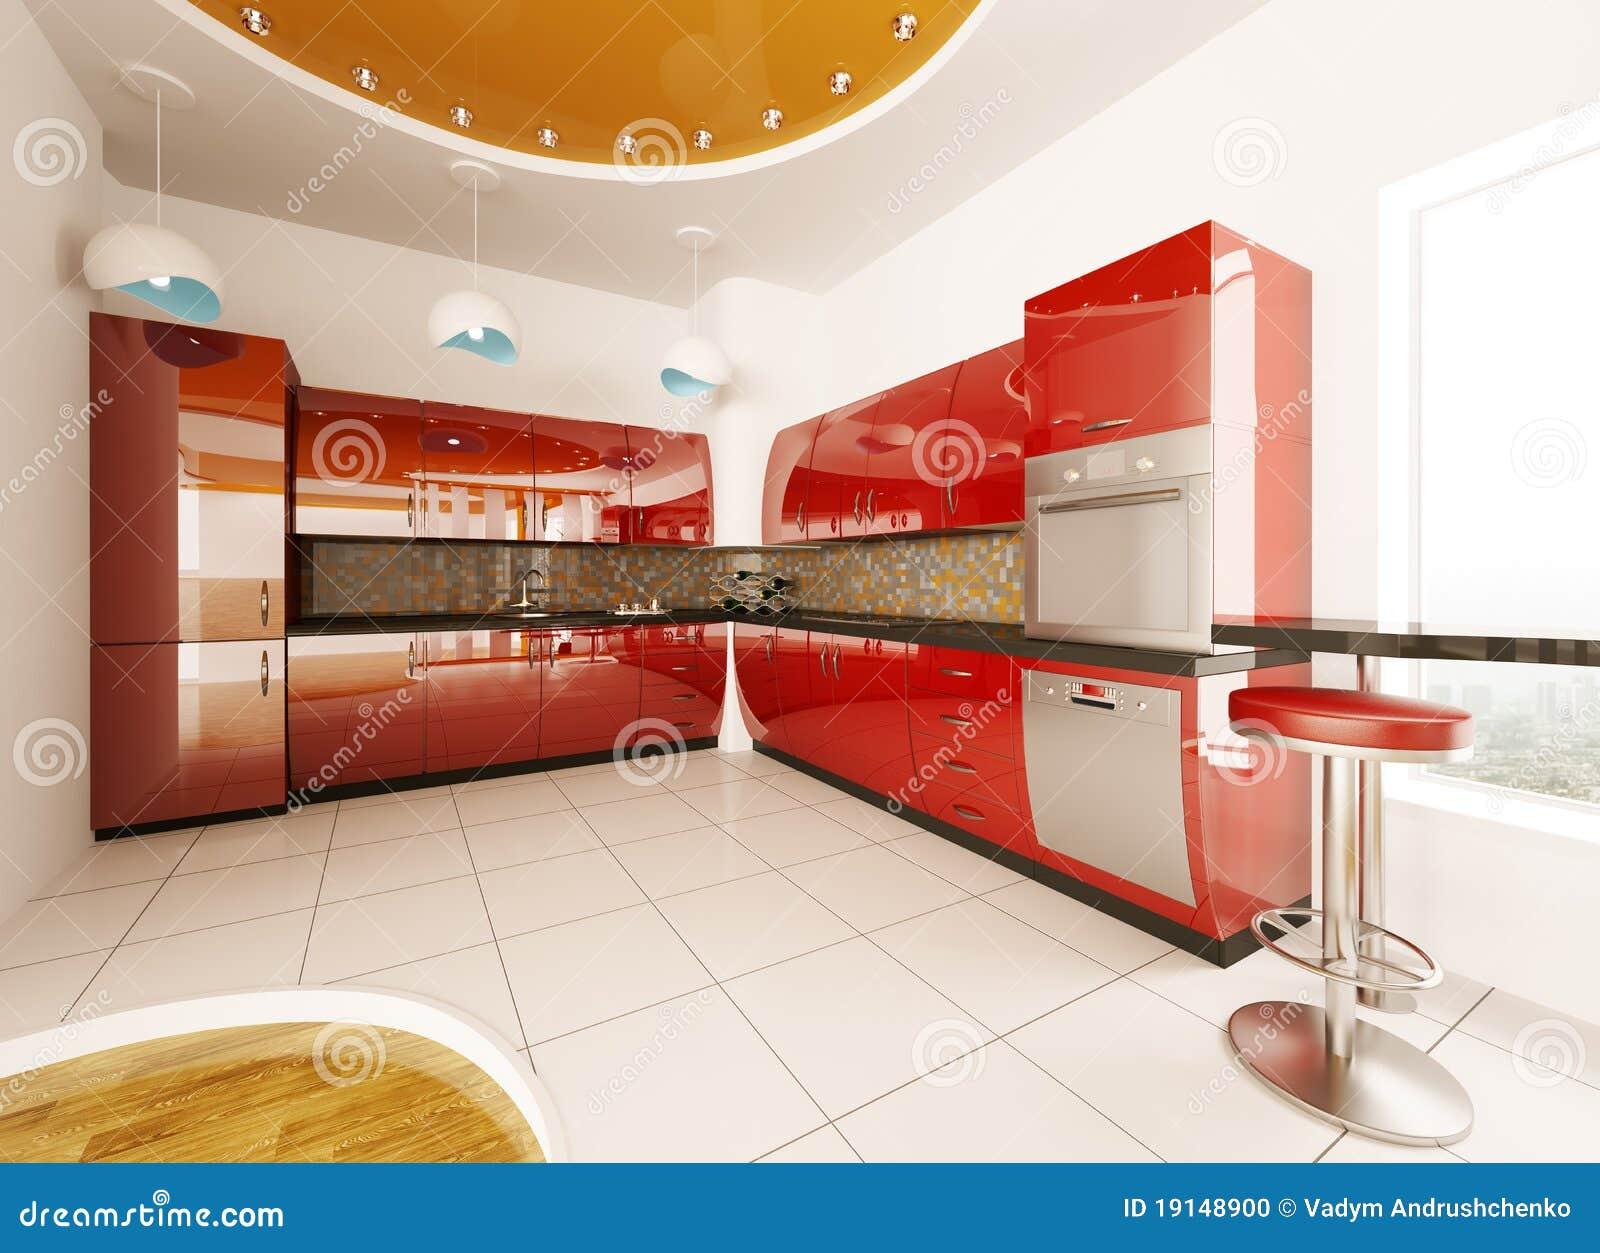 Interior design of modern kitchen 3d render stock photo for Interior designs photo